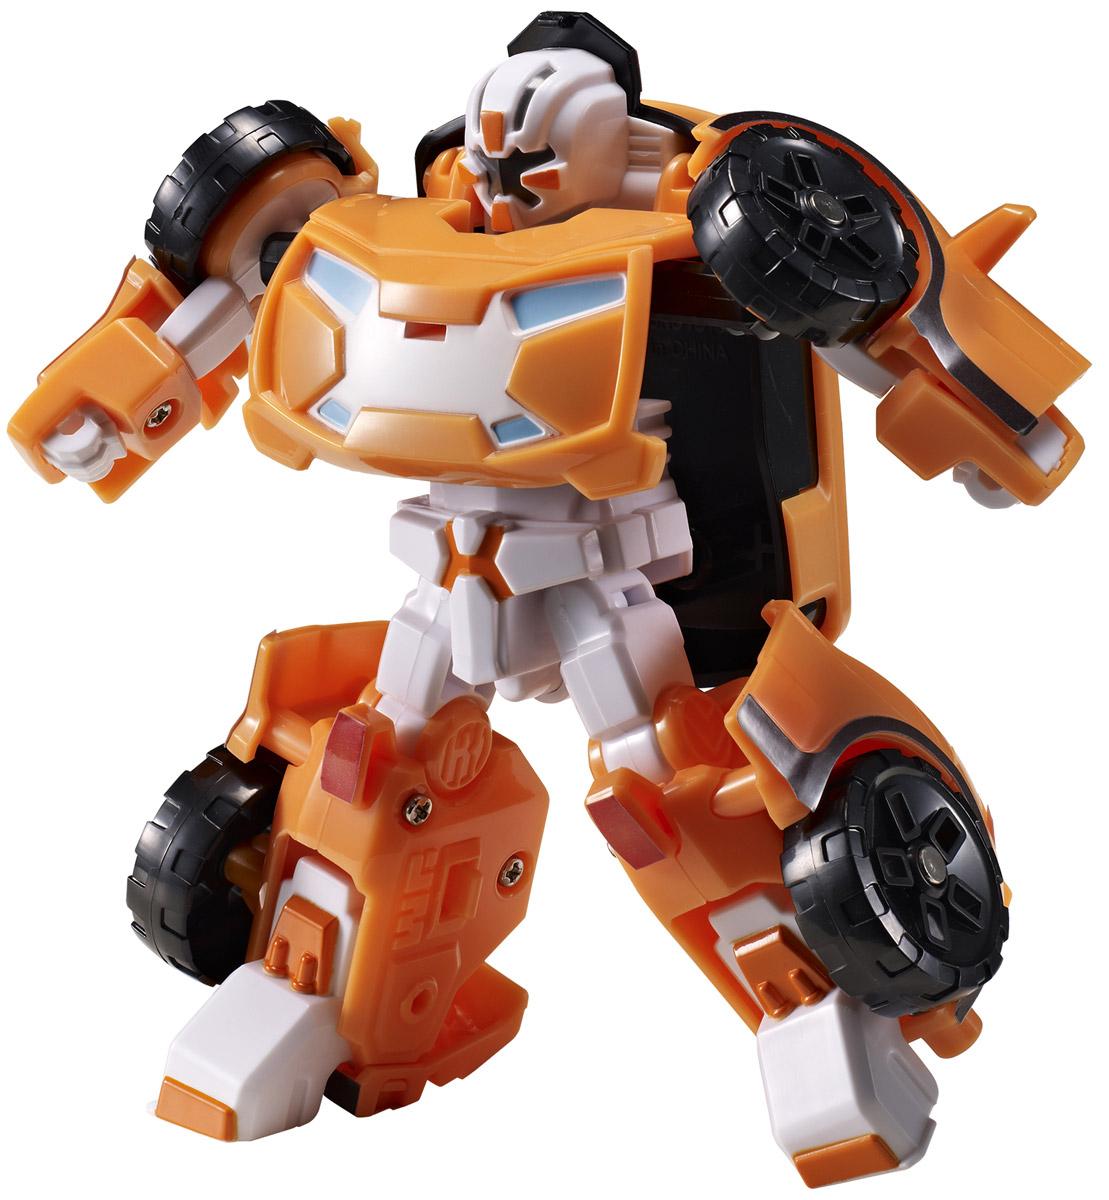 Tobot Трансформер Mini X301020Трансформер Tobot Mini X из мультсериала Тоботы - лидер. Он очень сильный. Популярен из-за своего стойкого характера. Игрушка в точности повторяет героя, поэтому поможет преданным поклонникам разыграть увлекательные приключения не только в образе робота, но и быстрой машинки с рельефными колесами. Трансформер легко превращается в реалистичную машинку. Машинка может ездить по поверхности благодаря широким колесам с рельефными протекторами. Игрушка имеет оптимальные размеры, поэтому ребенку будет удобно держать ее в руке и катать по полу.